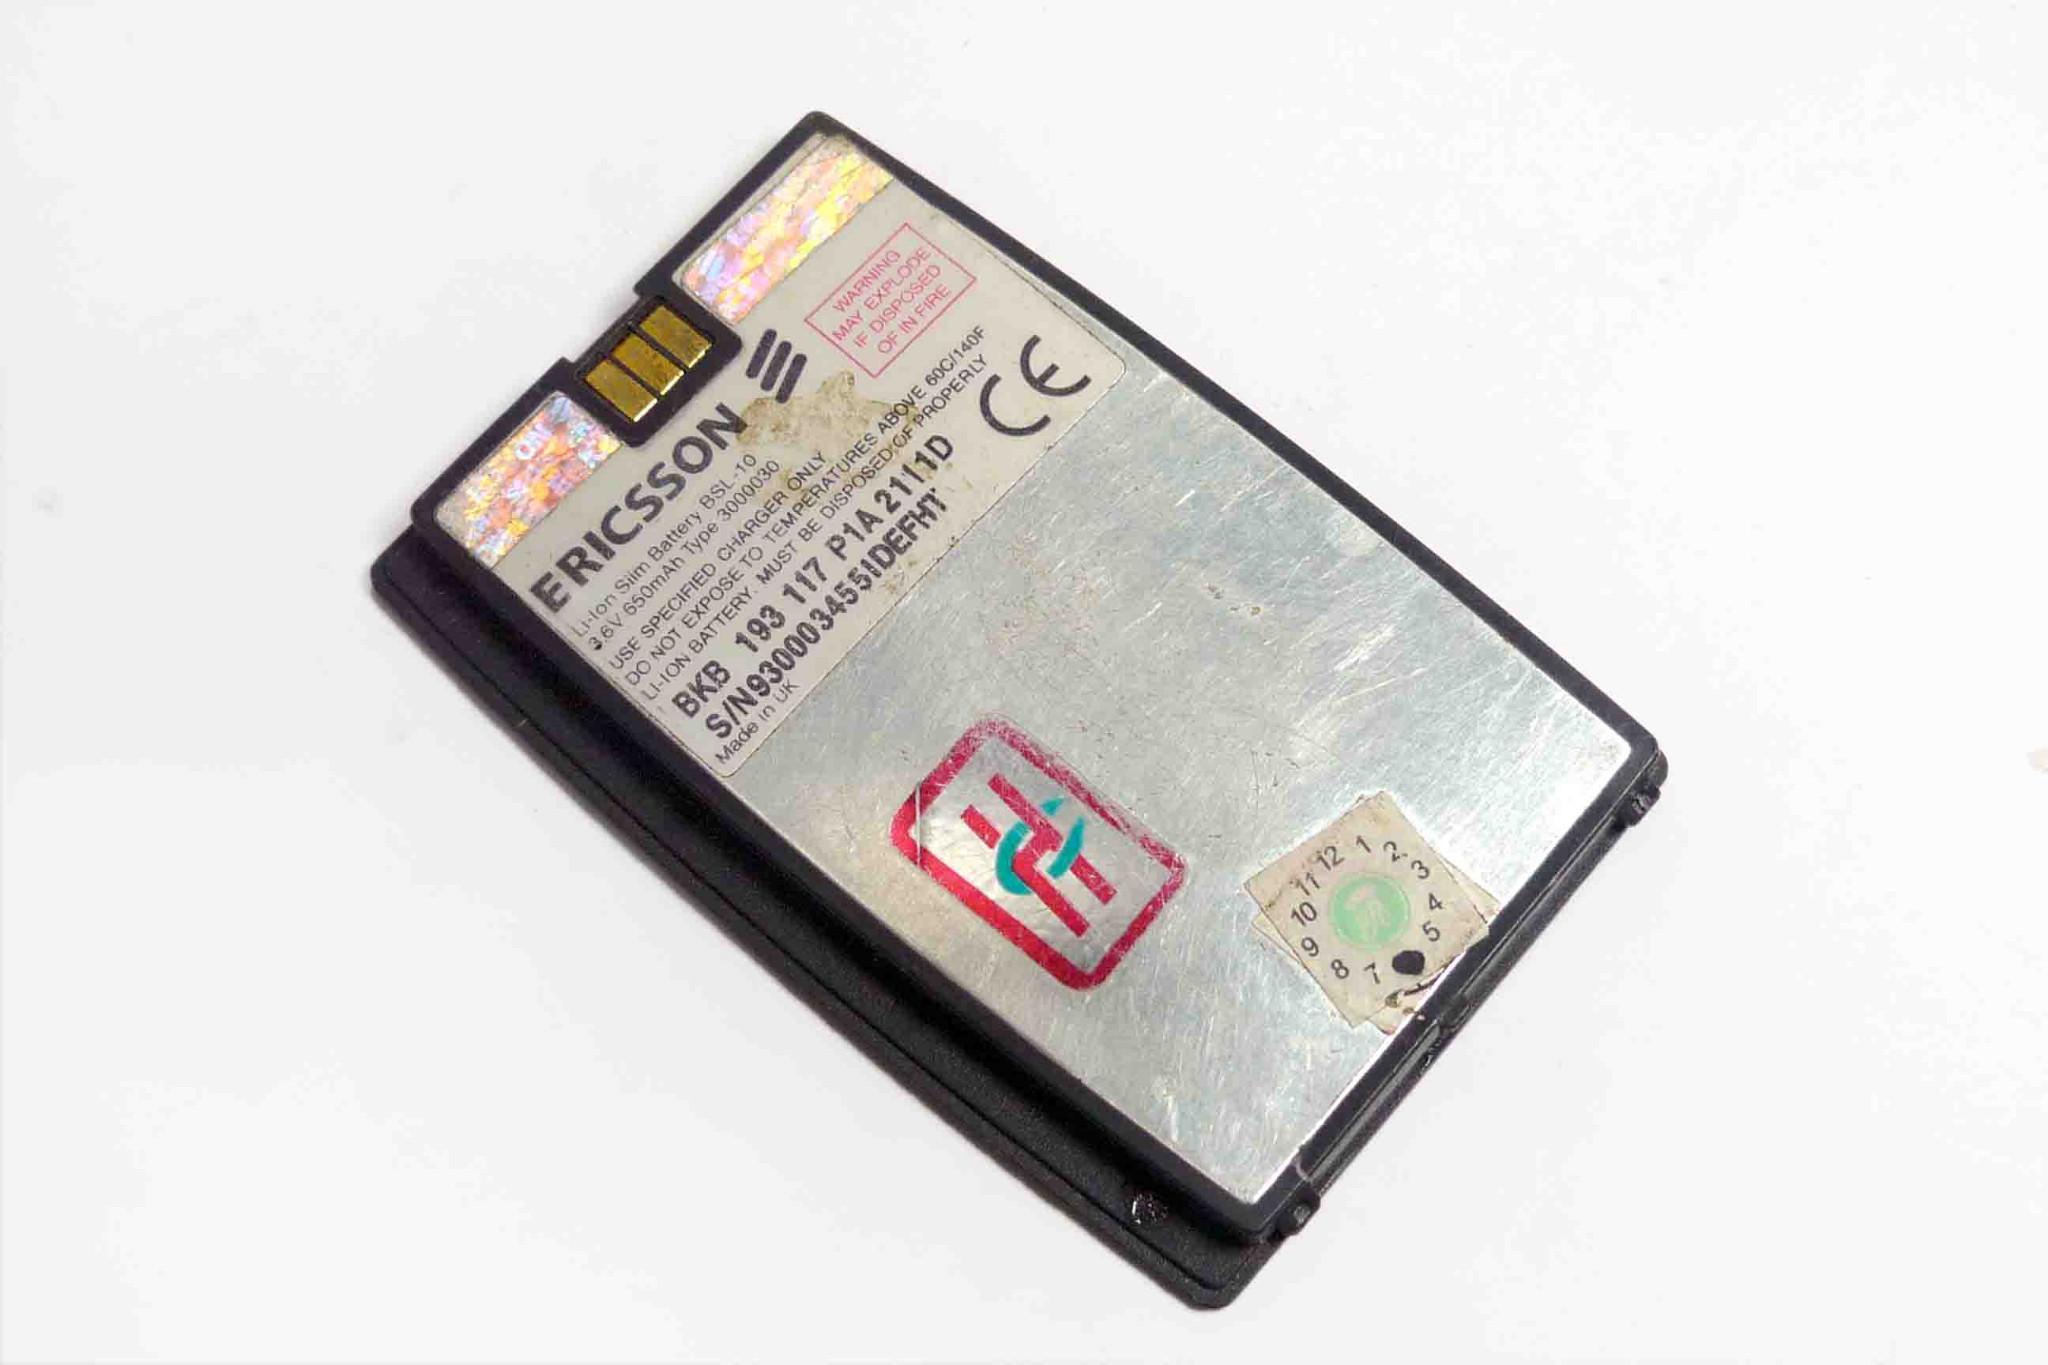 harga Baterai Ericsson T28 slim Tokopedia.com